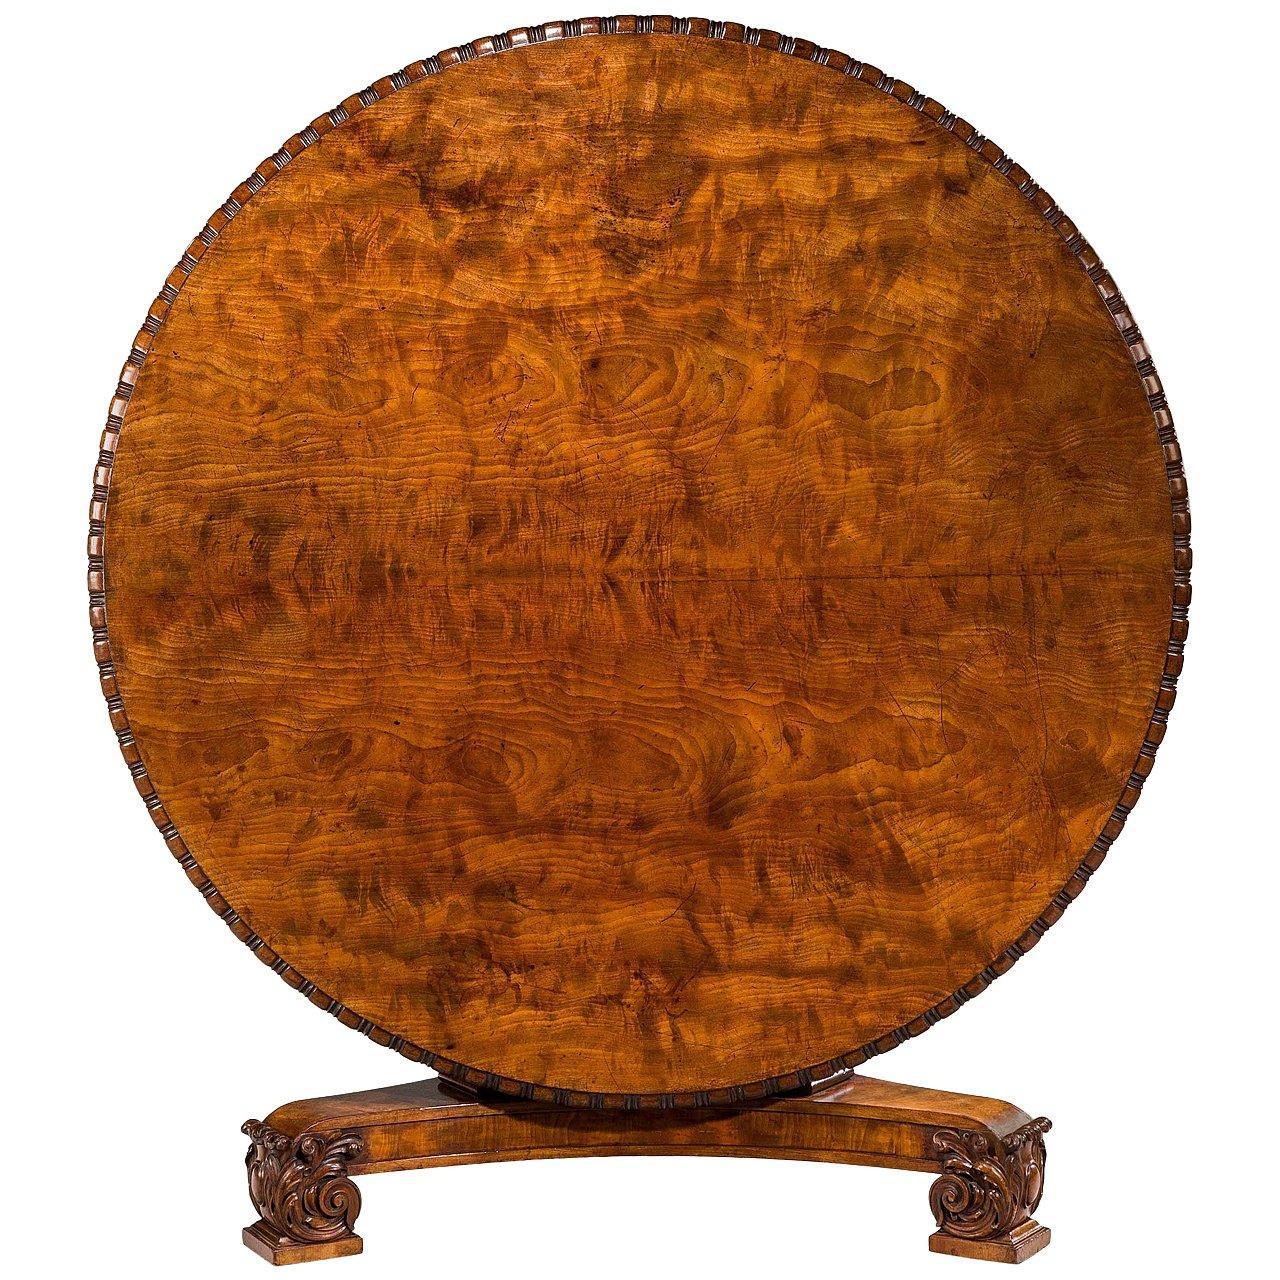 Regency Period Mahogany Centre Table